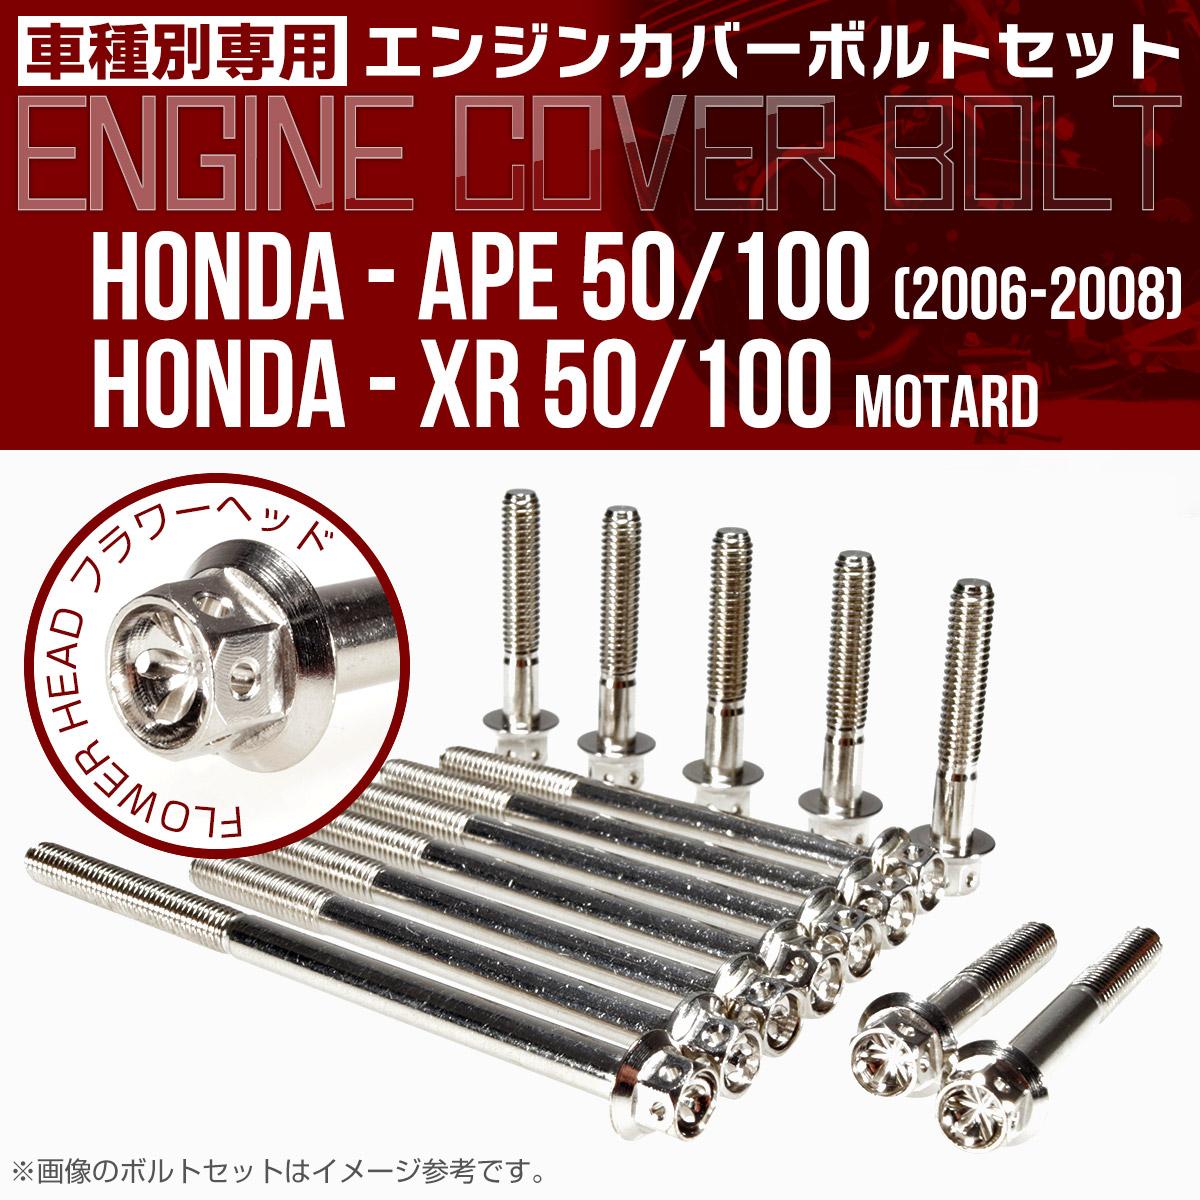 エイプ XR モタード  50 100 エンジンカバーボルト 14本セット フラワーヘッド シルバー TB6179